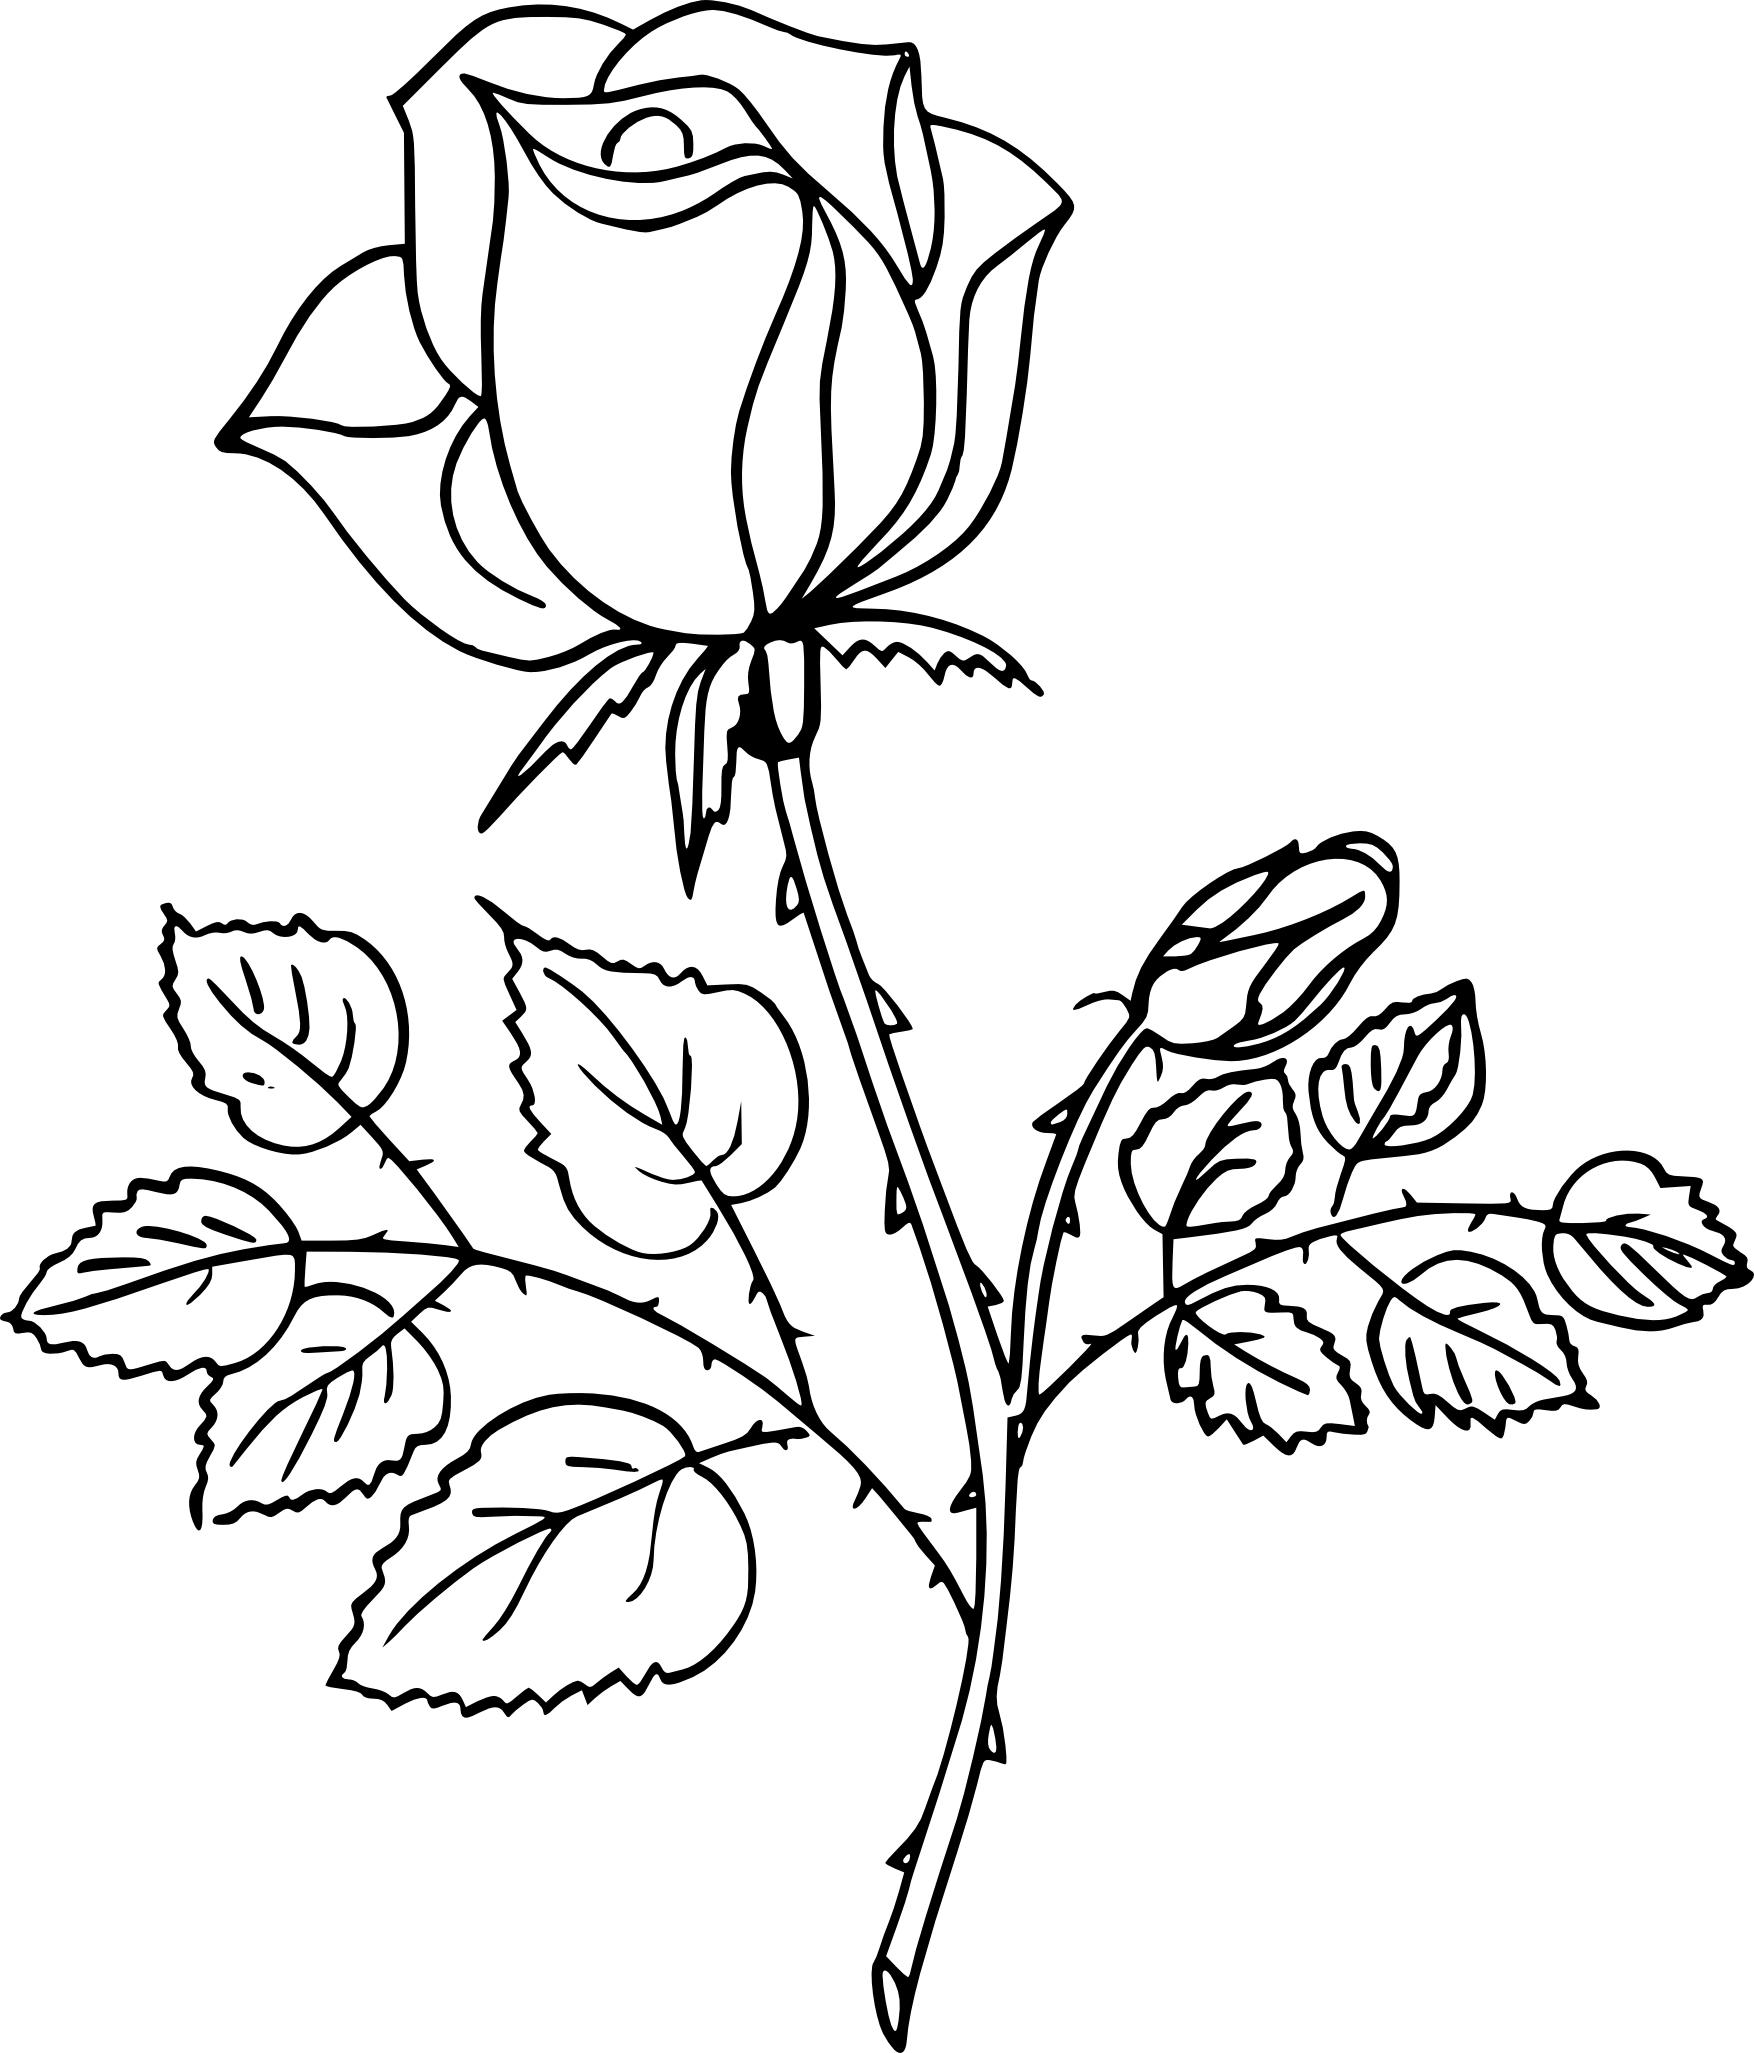 dessin nounours